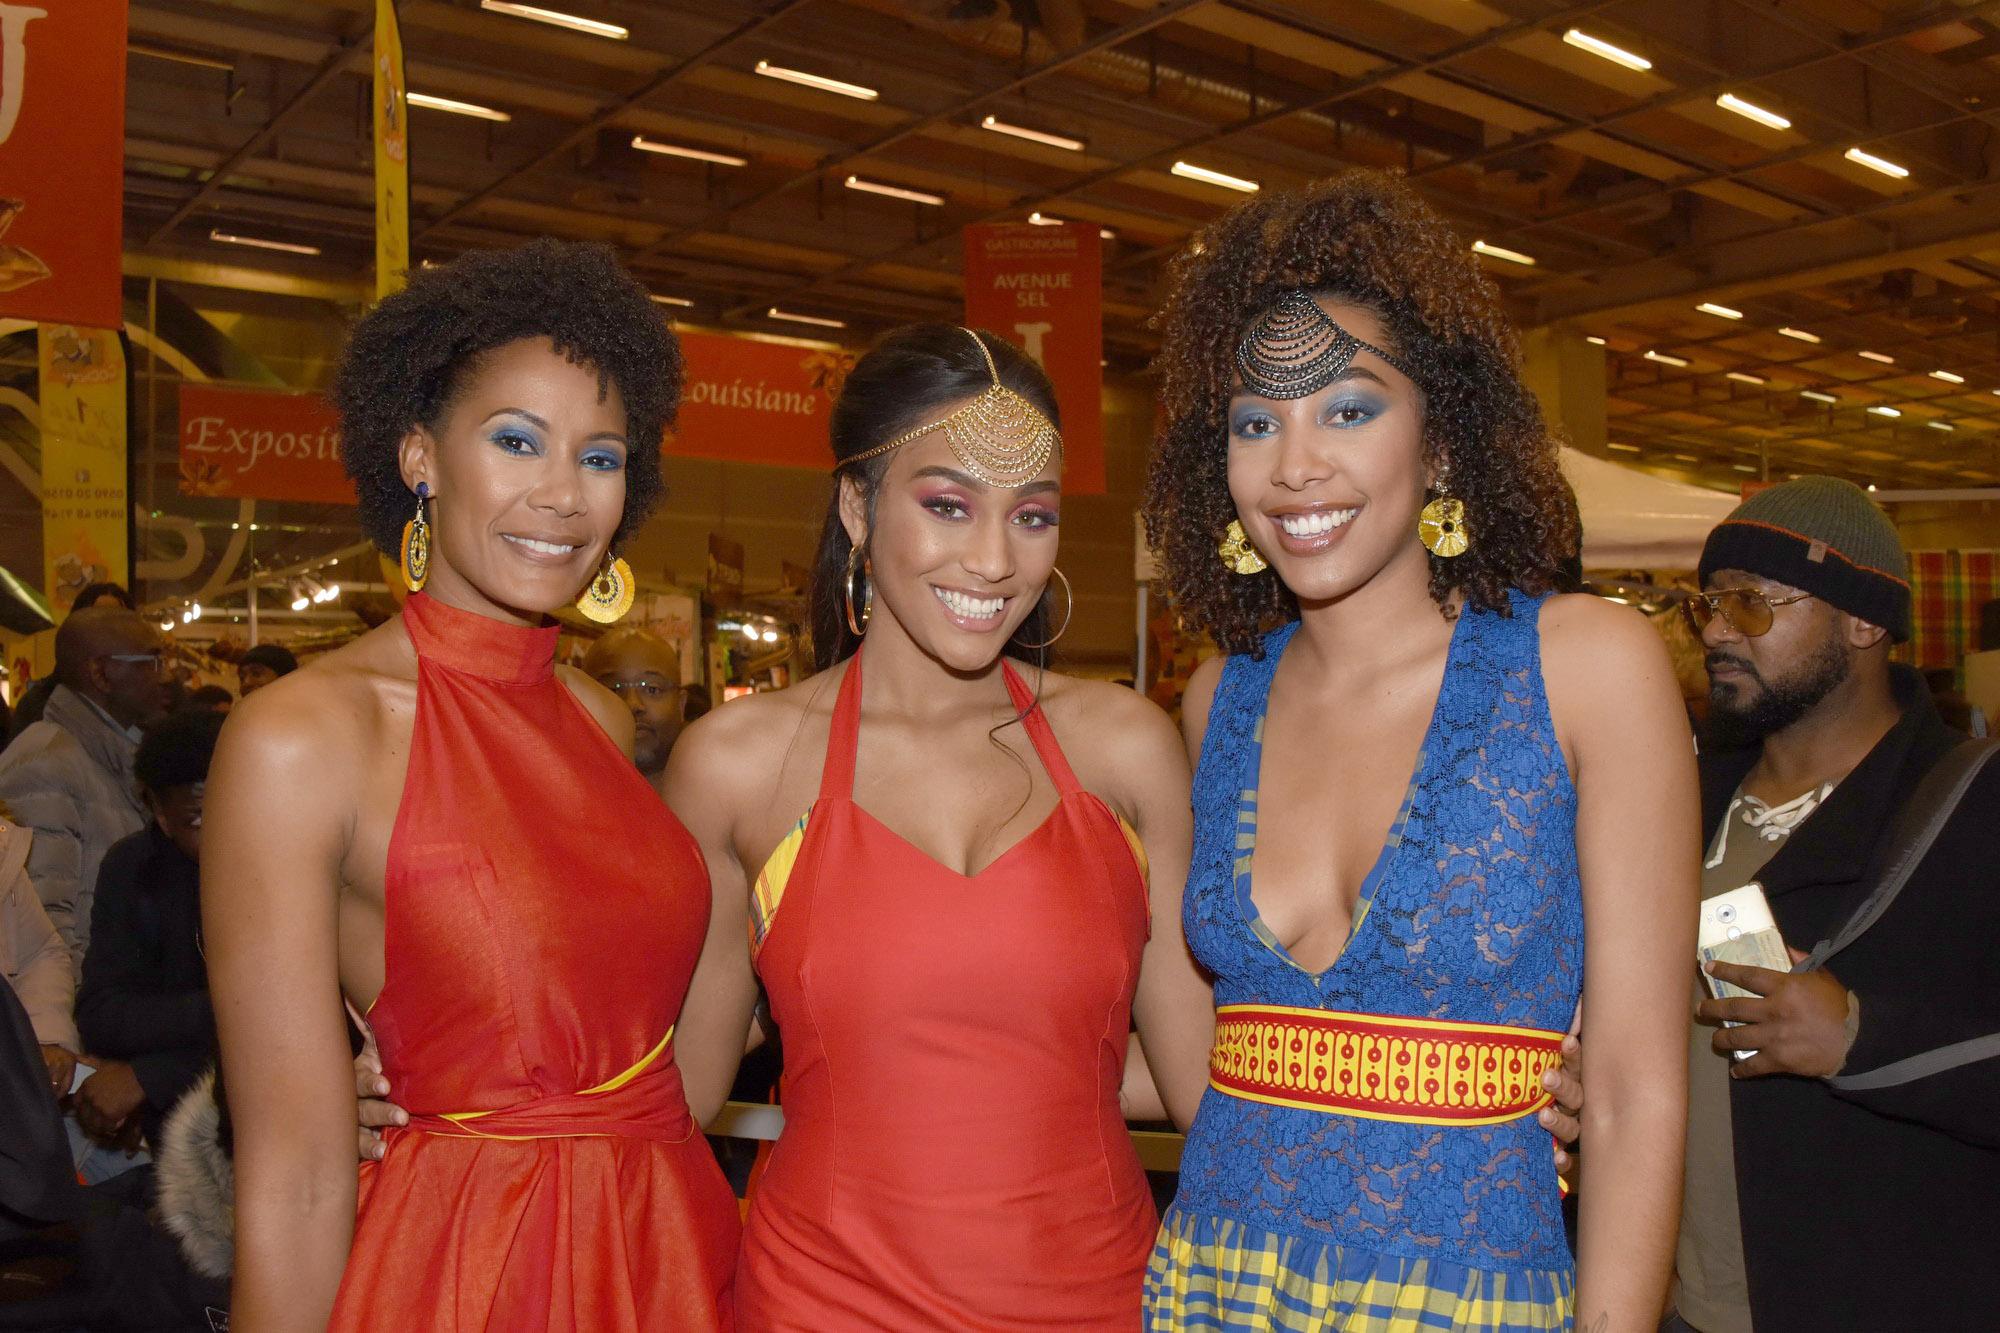 Défilé Glam Ethnik (Ayden). Corinne Coman (Miss France 2003), Morgane Thérésine, et Chloé Mozar (Miss Guadeloupe 2014.